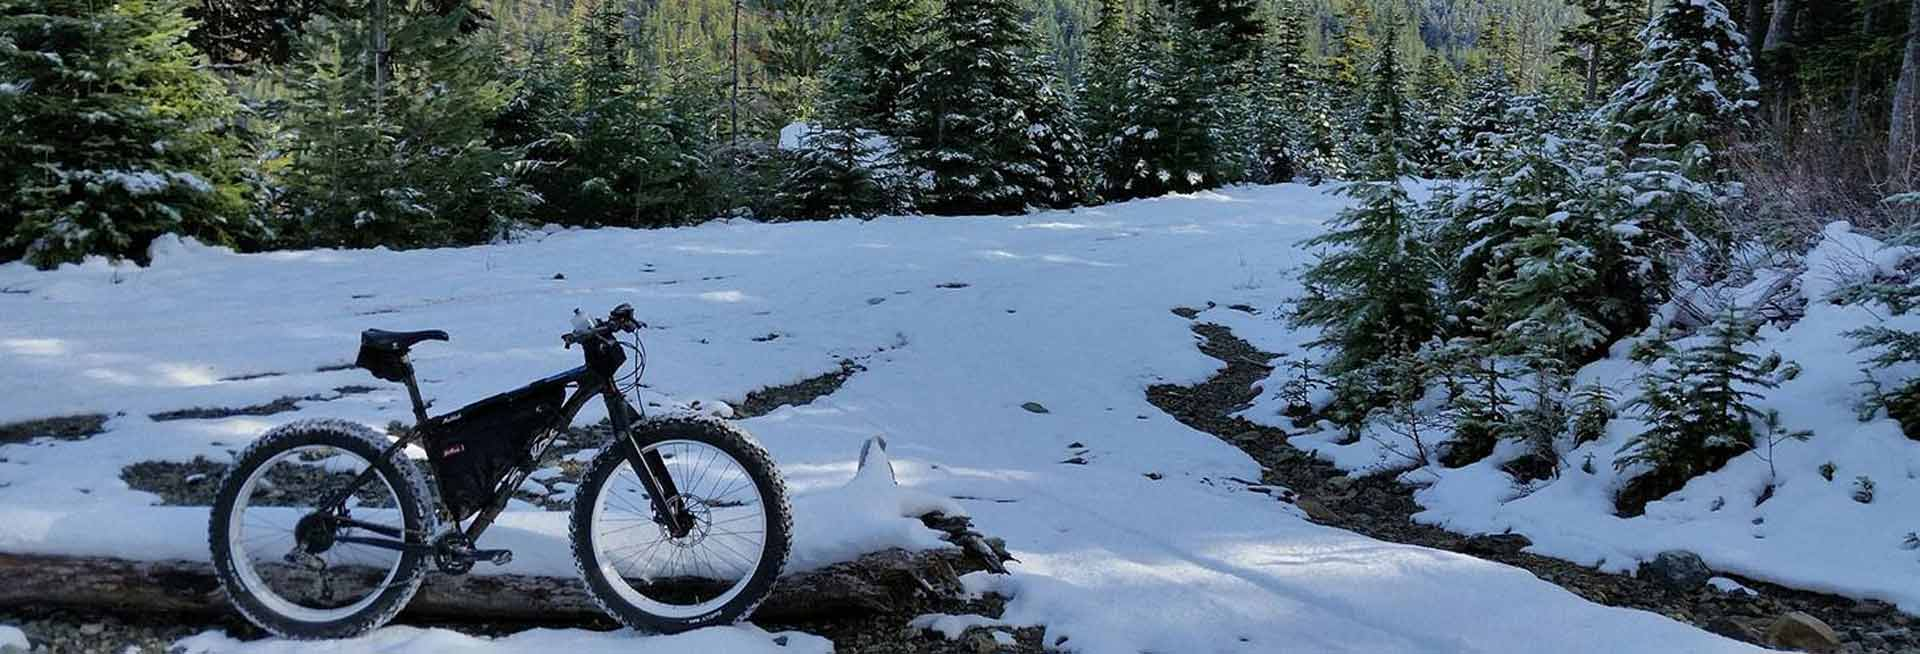 Fat tire bike in the snow.